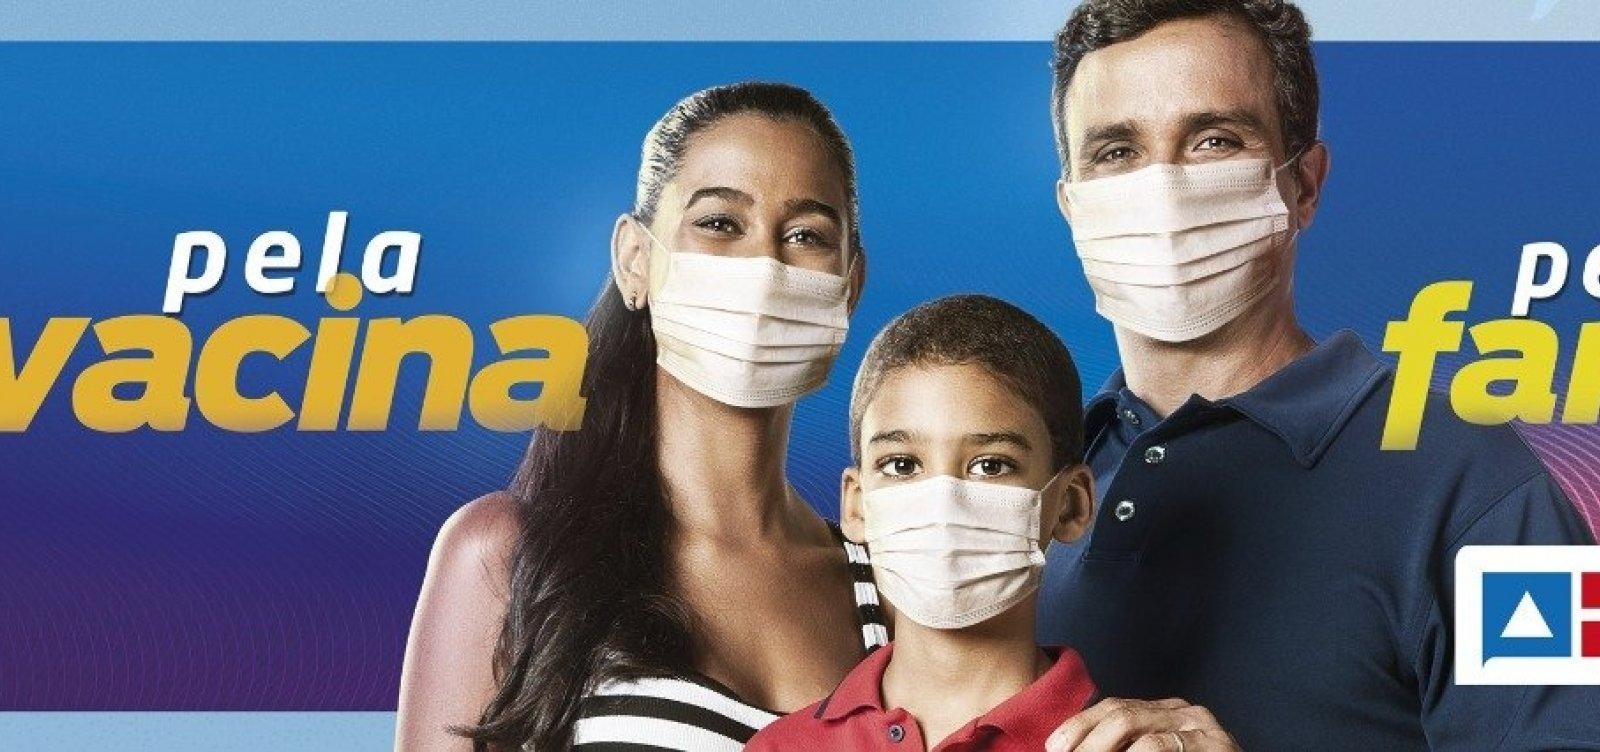 Governo da Bahia inicia campanha de vacinação contra a Covid-19